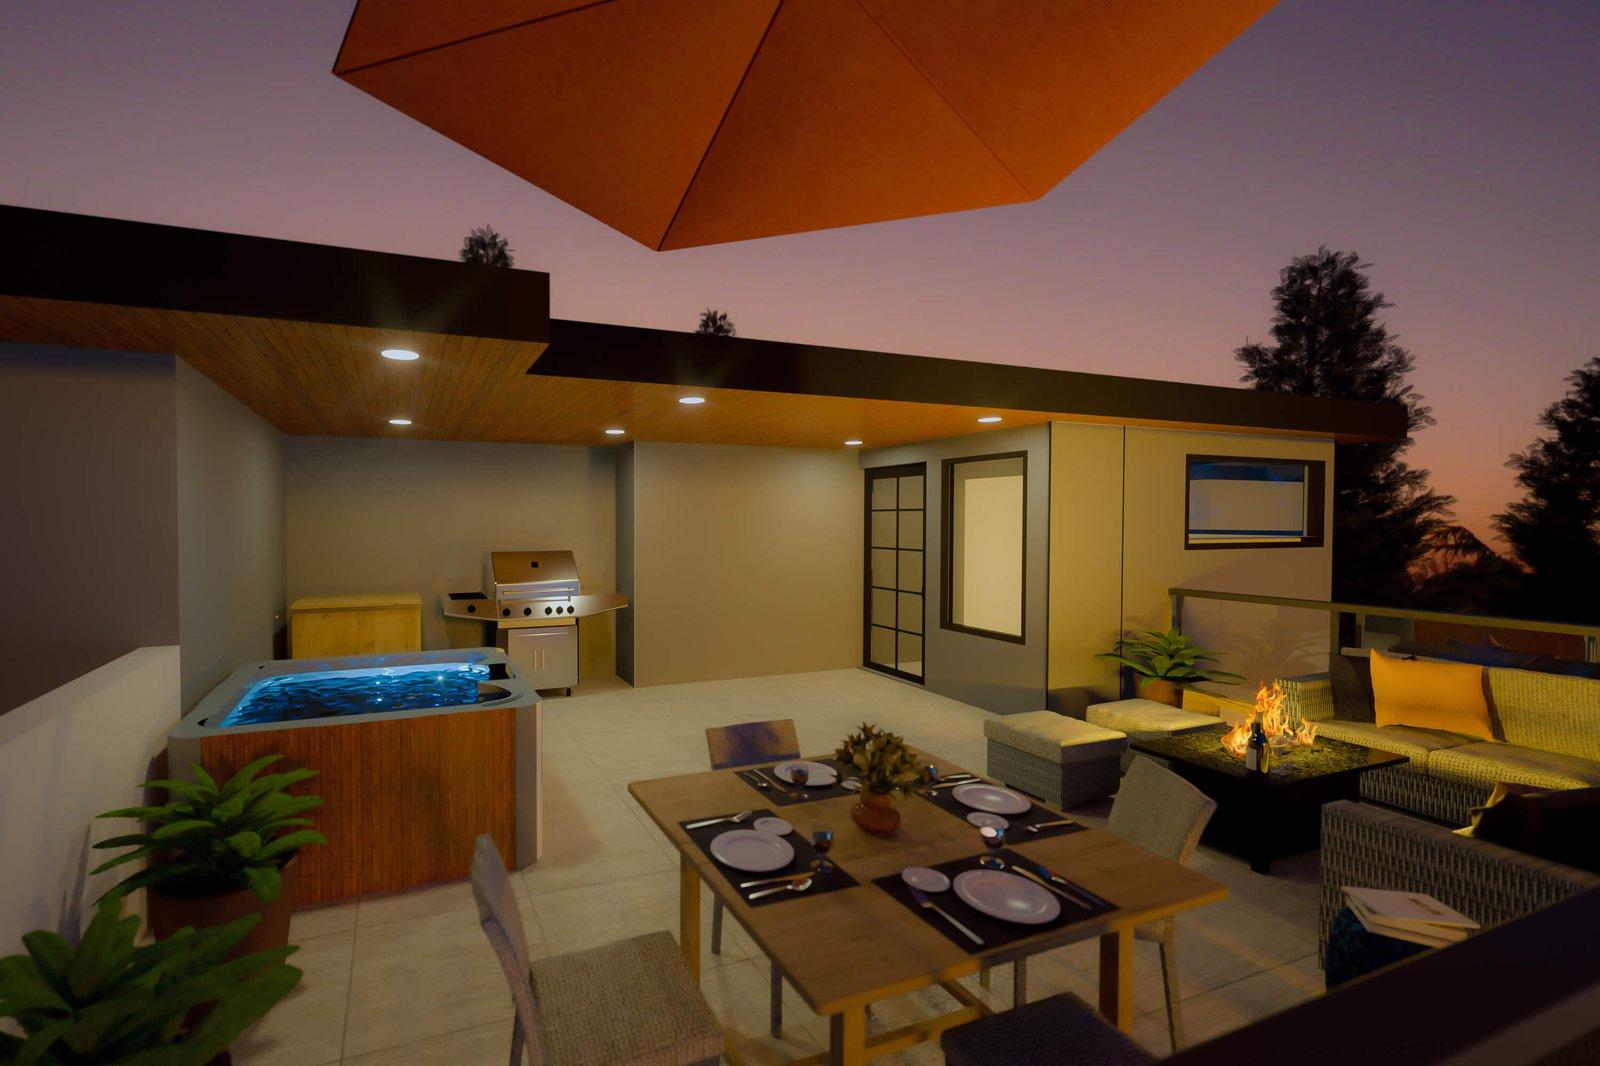 Terrace_LessSharp-1.jpg